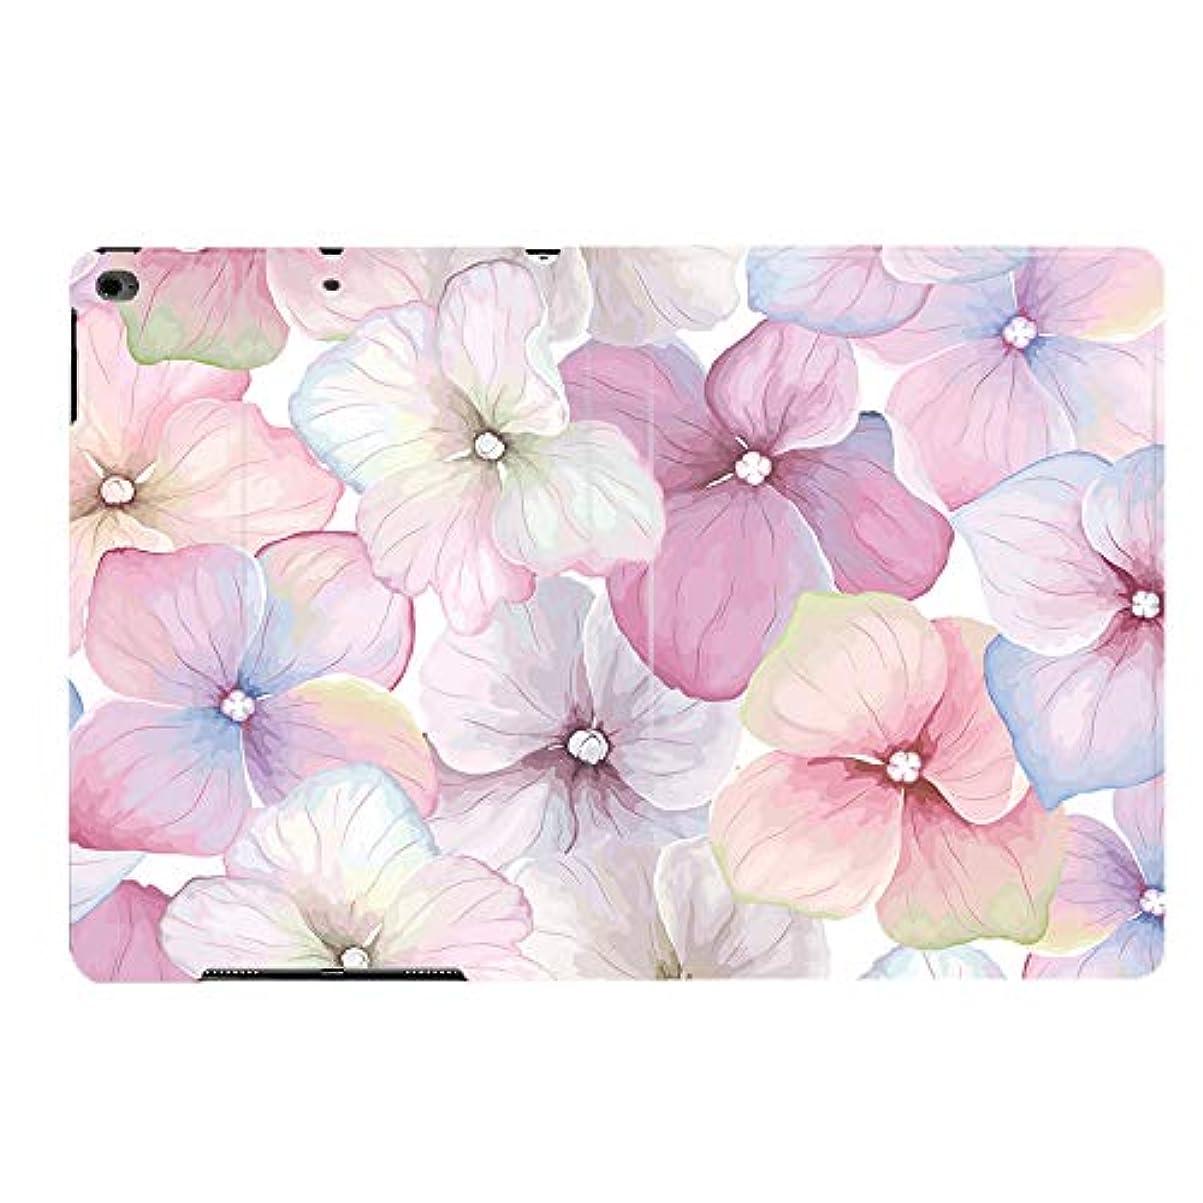 パイプ絡み合いトラフィックipad pro 10.5インチ Air3 ケース 綺麗な 花 PU レザー スタンド機能付き 手帳 全面保護 きれい オシャレ タブレット 保護カバー QP-1027 (10.5インチ, 1027-128)